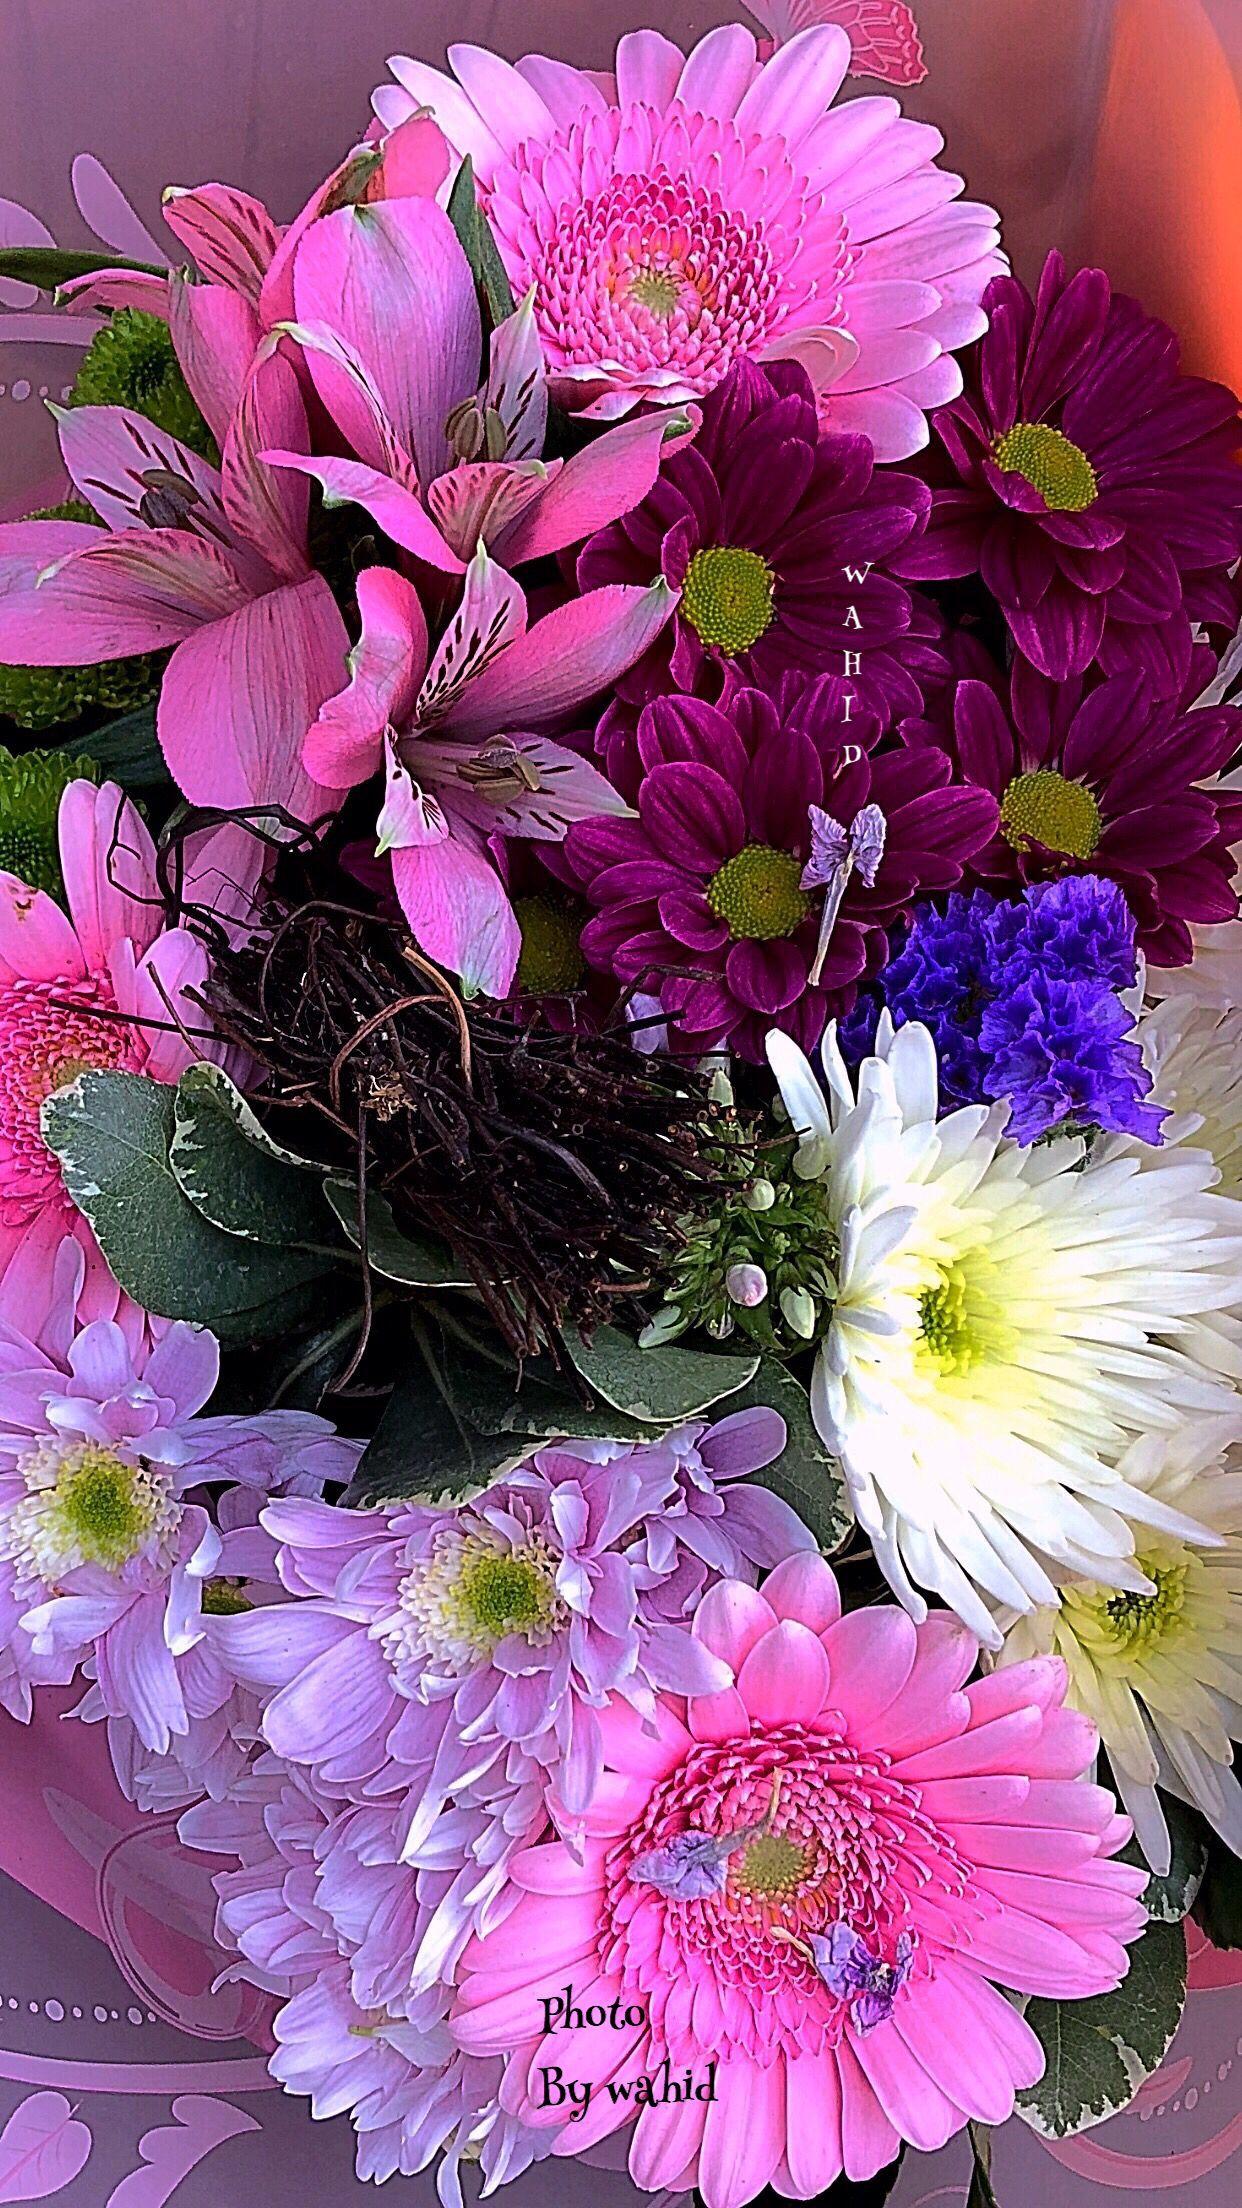 Pin By Carol Sego On Serendipity In 2020 | Beautiful Flowers mit Blumenbilder Zum Geburtstag